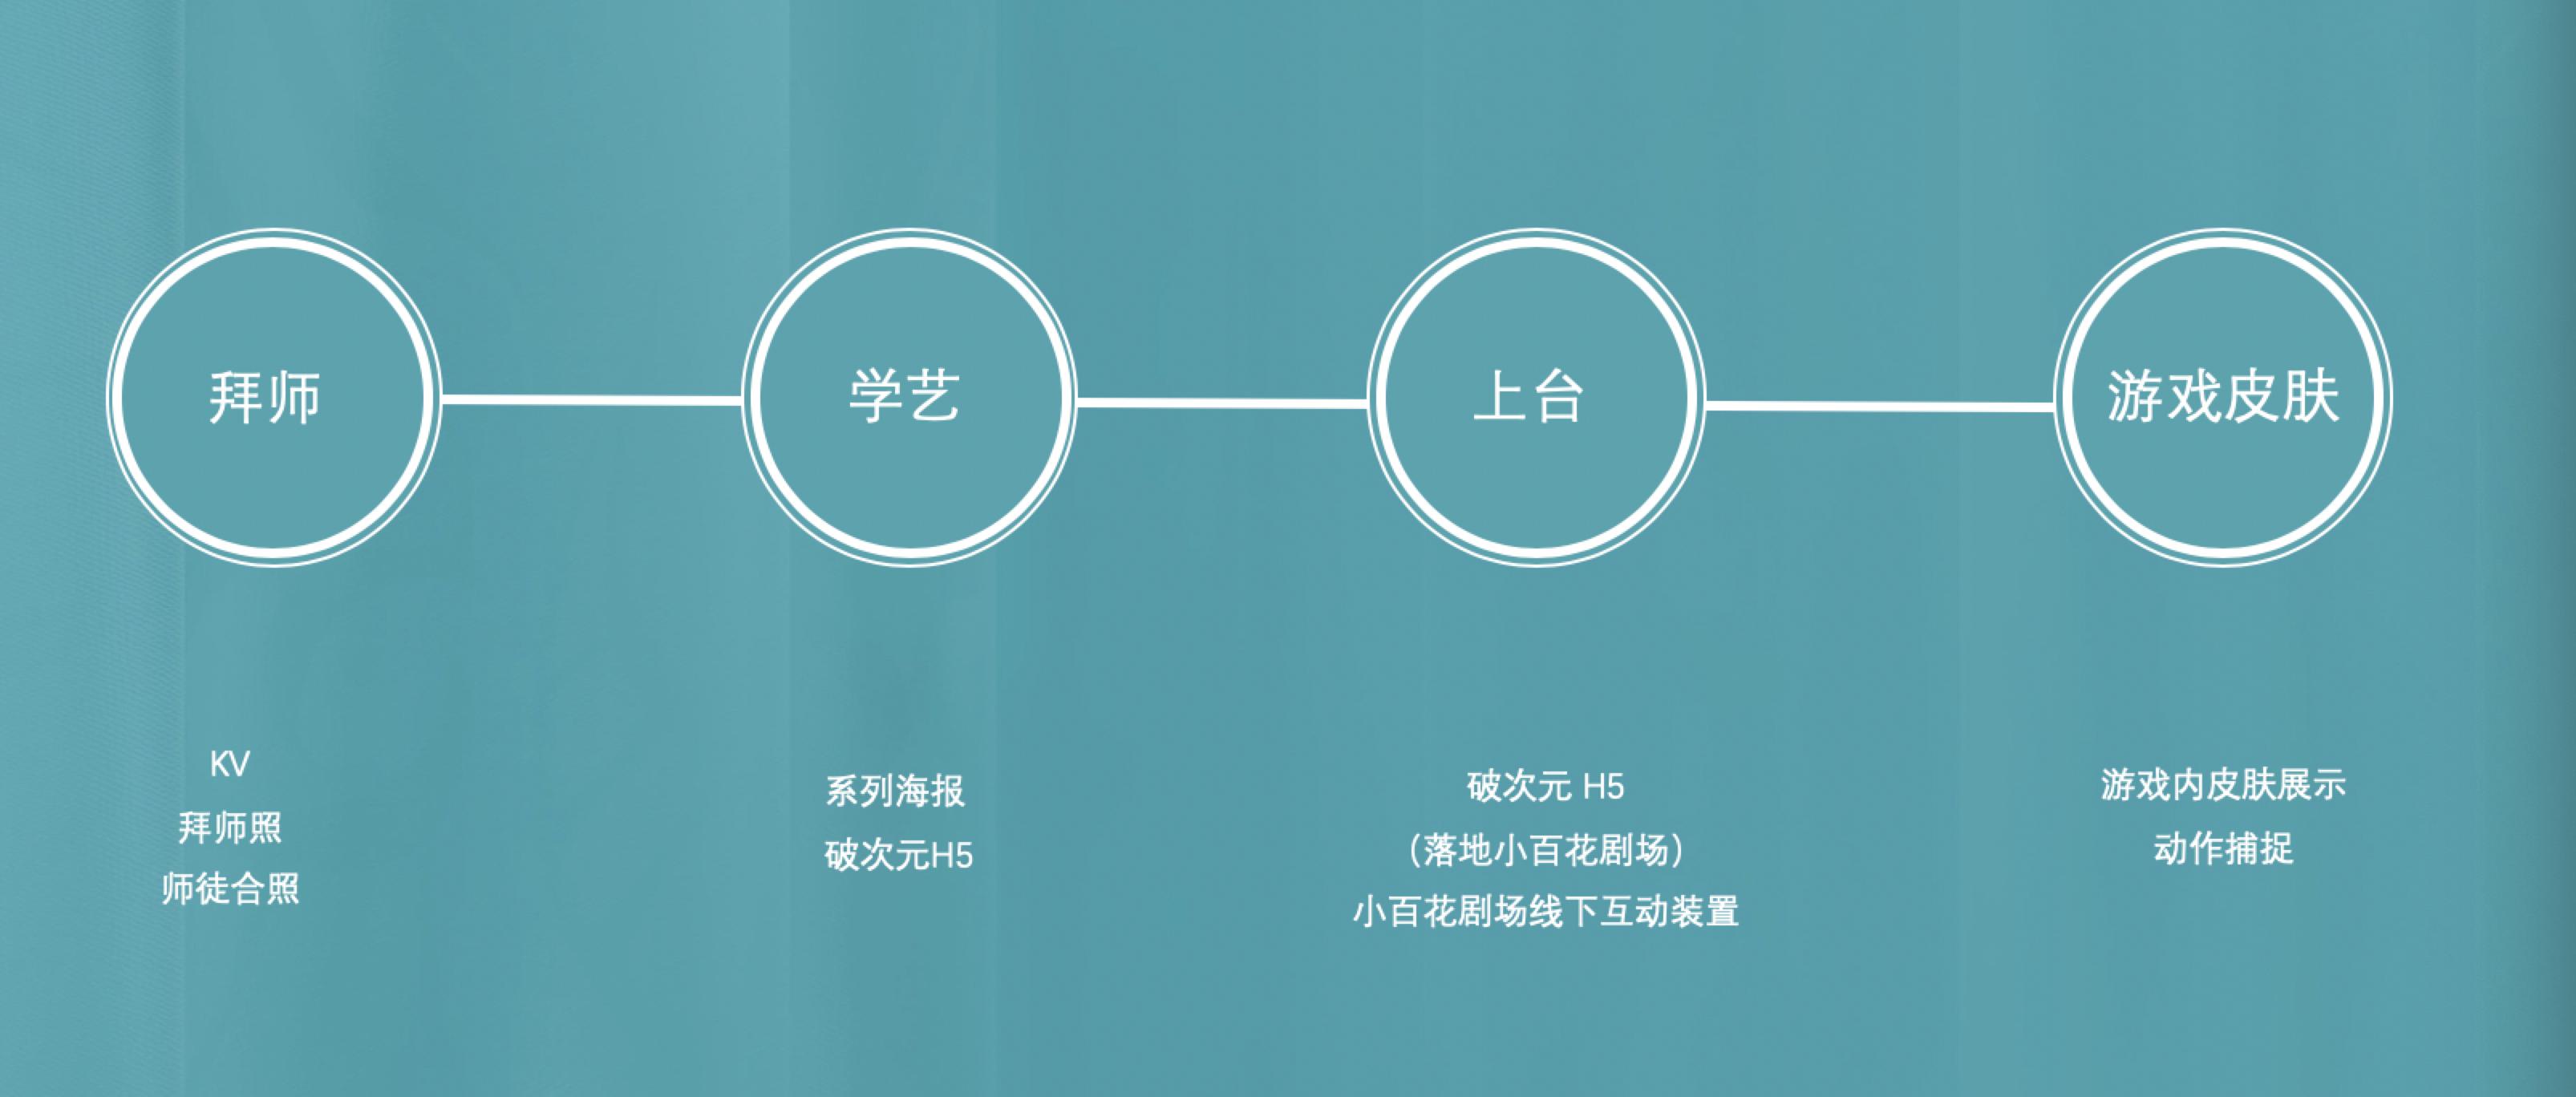 """王者荣耀×越剧H5:上官婉儿邀你穿""""越""""当导演"""